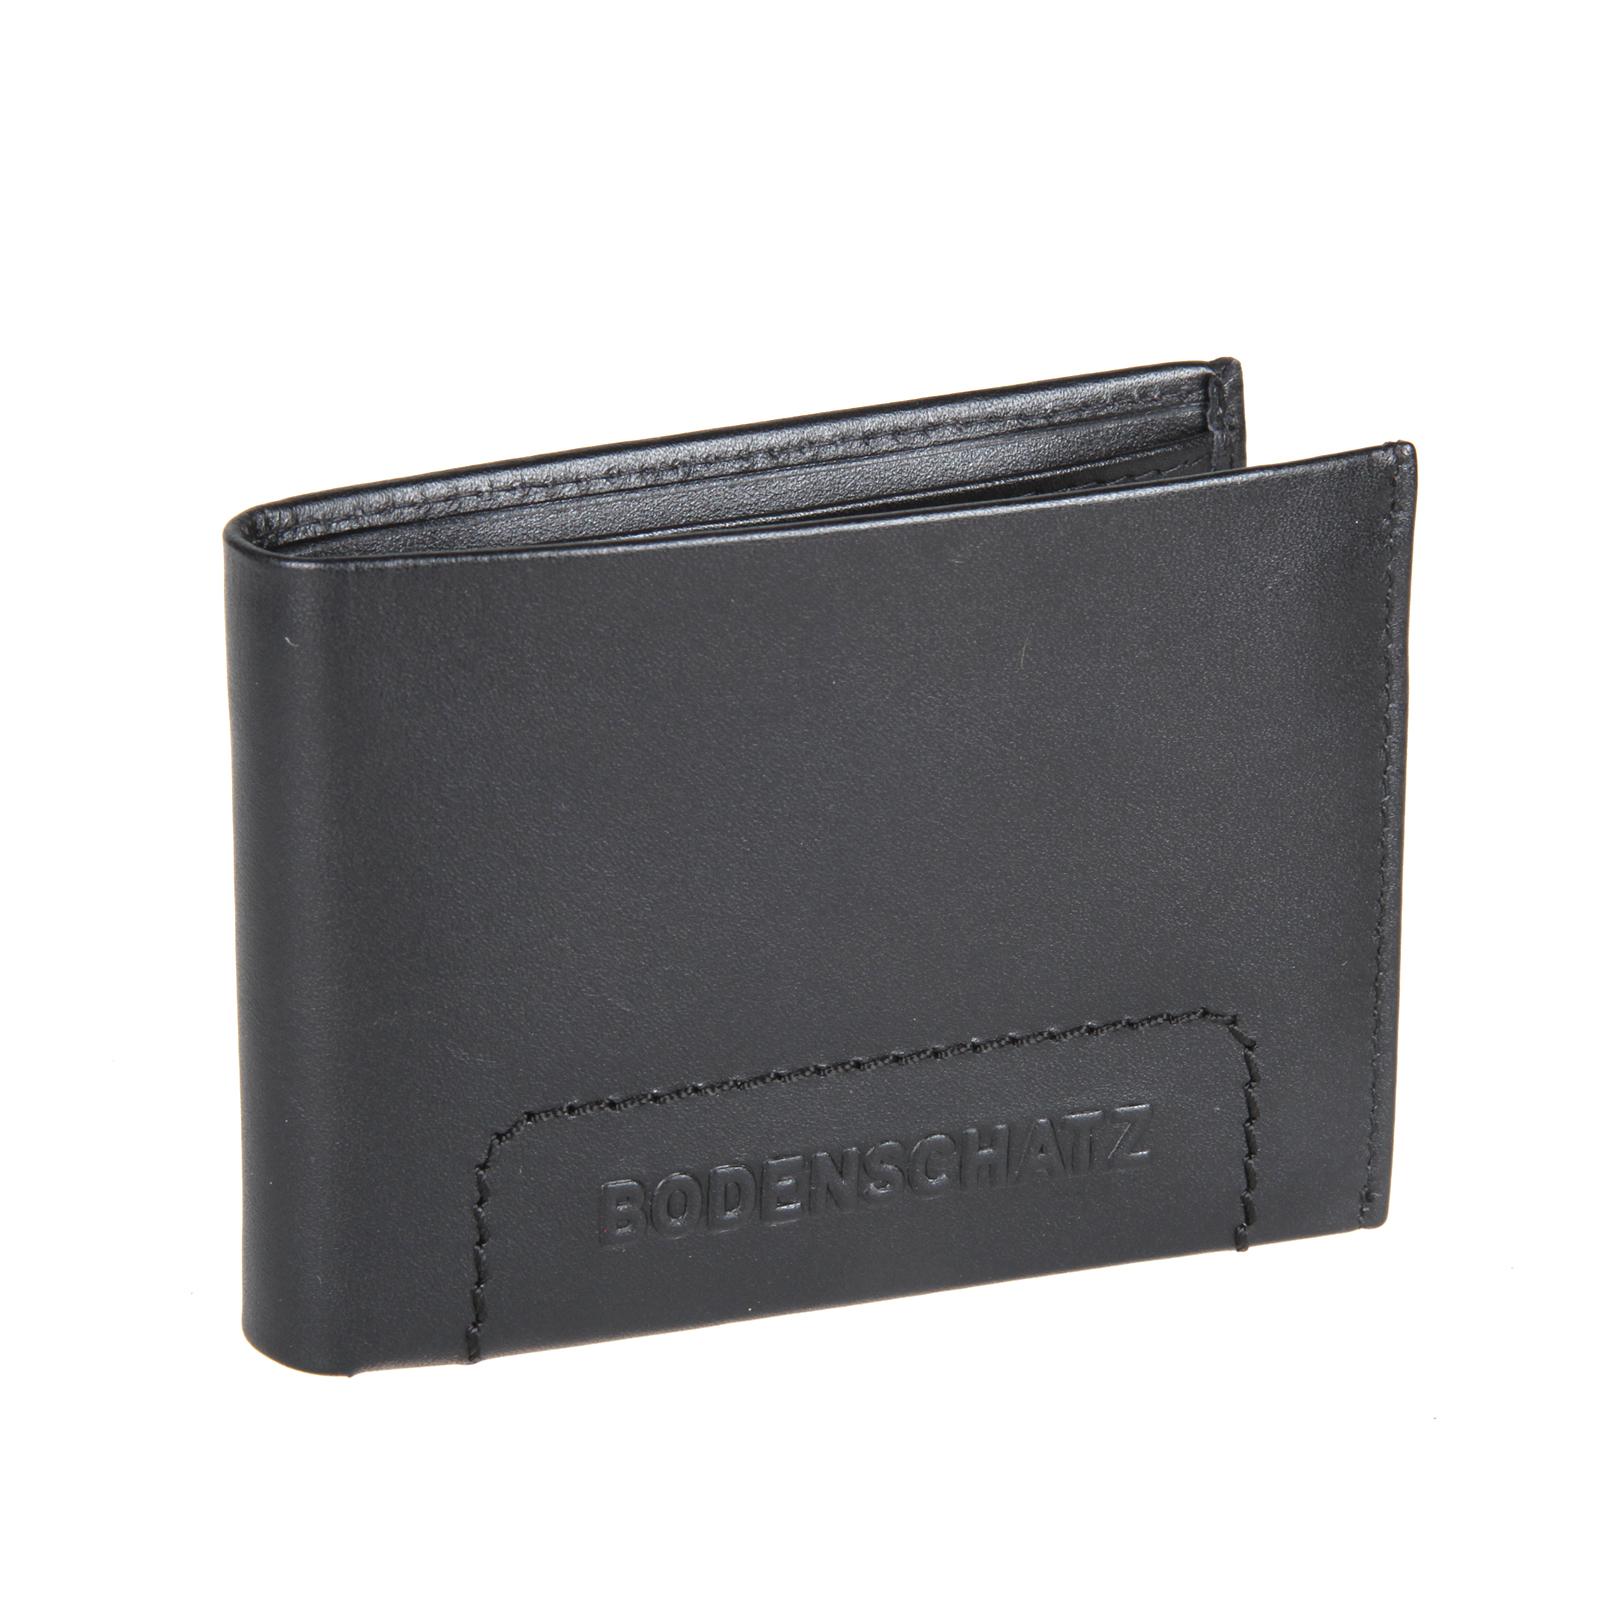 Портмоне мужское Bodenschatz, цвет: черный. 8-496 black8-496 blackРаскладывается пополам, внутри один отдел для купюр, один потайной карман, отделение для монет закрывается клапаном на кнопке, три кармашка для пластиковых карт, один из них сетчатый.